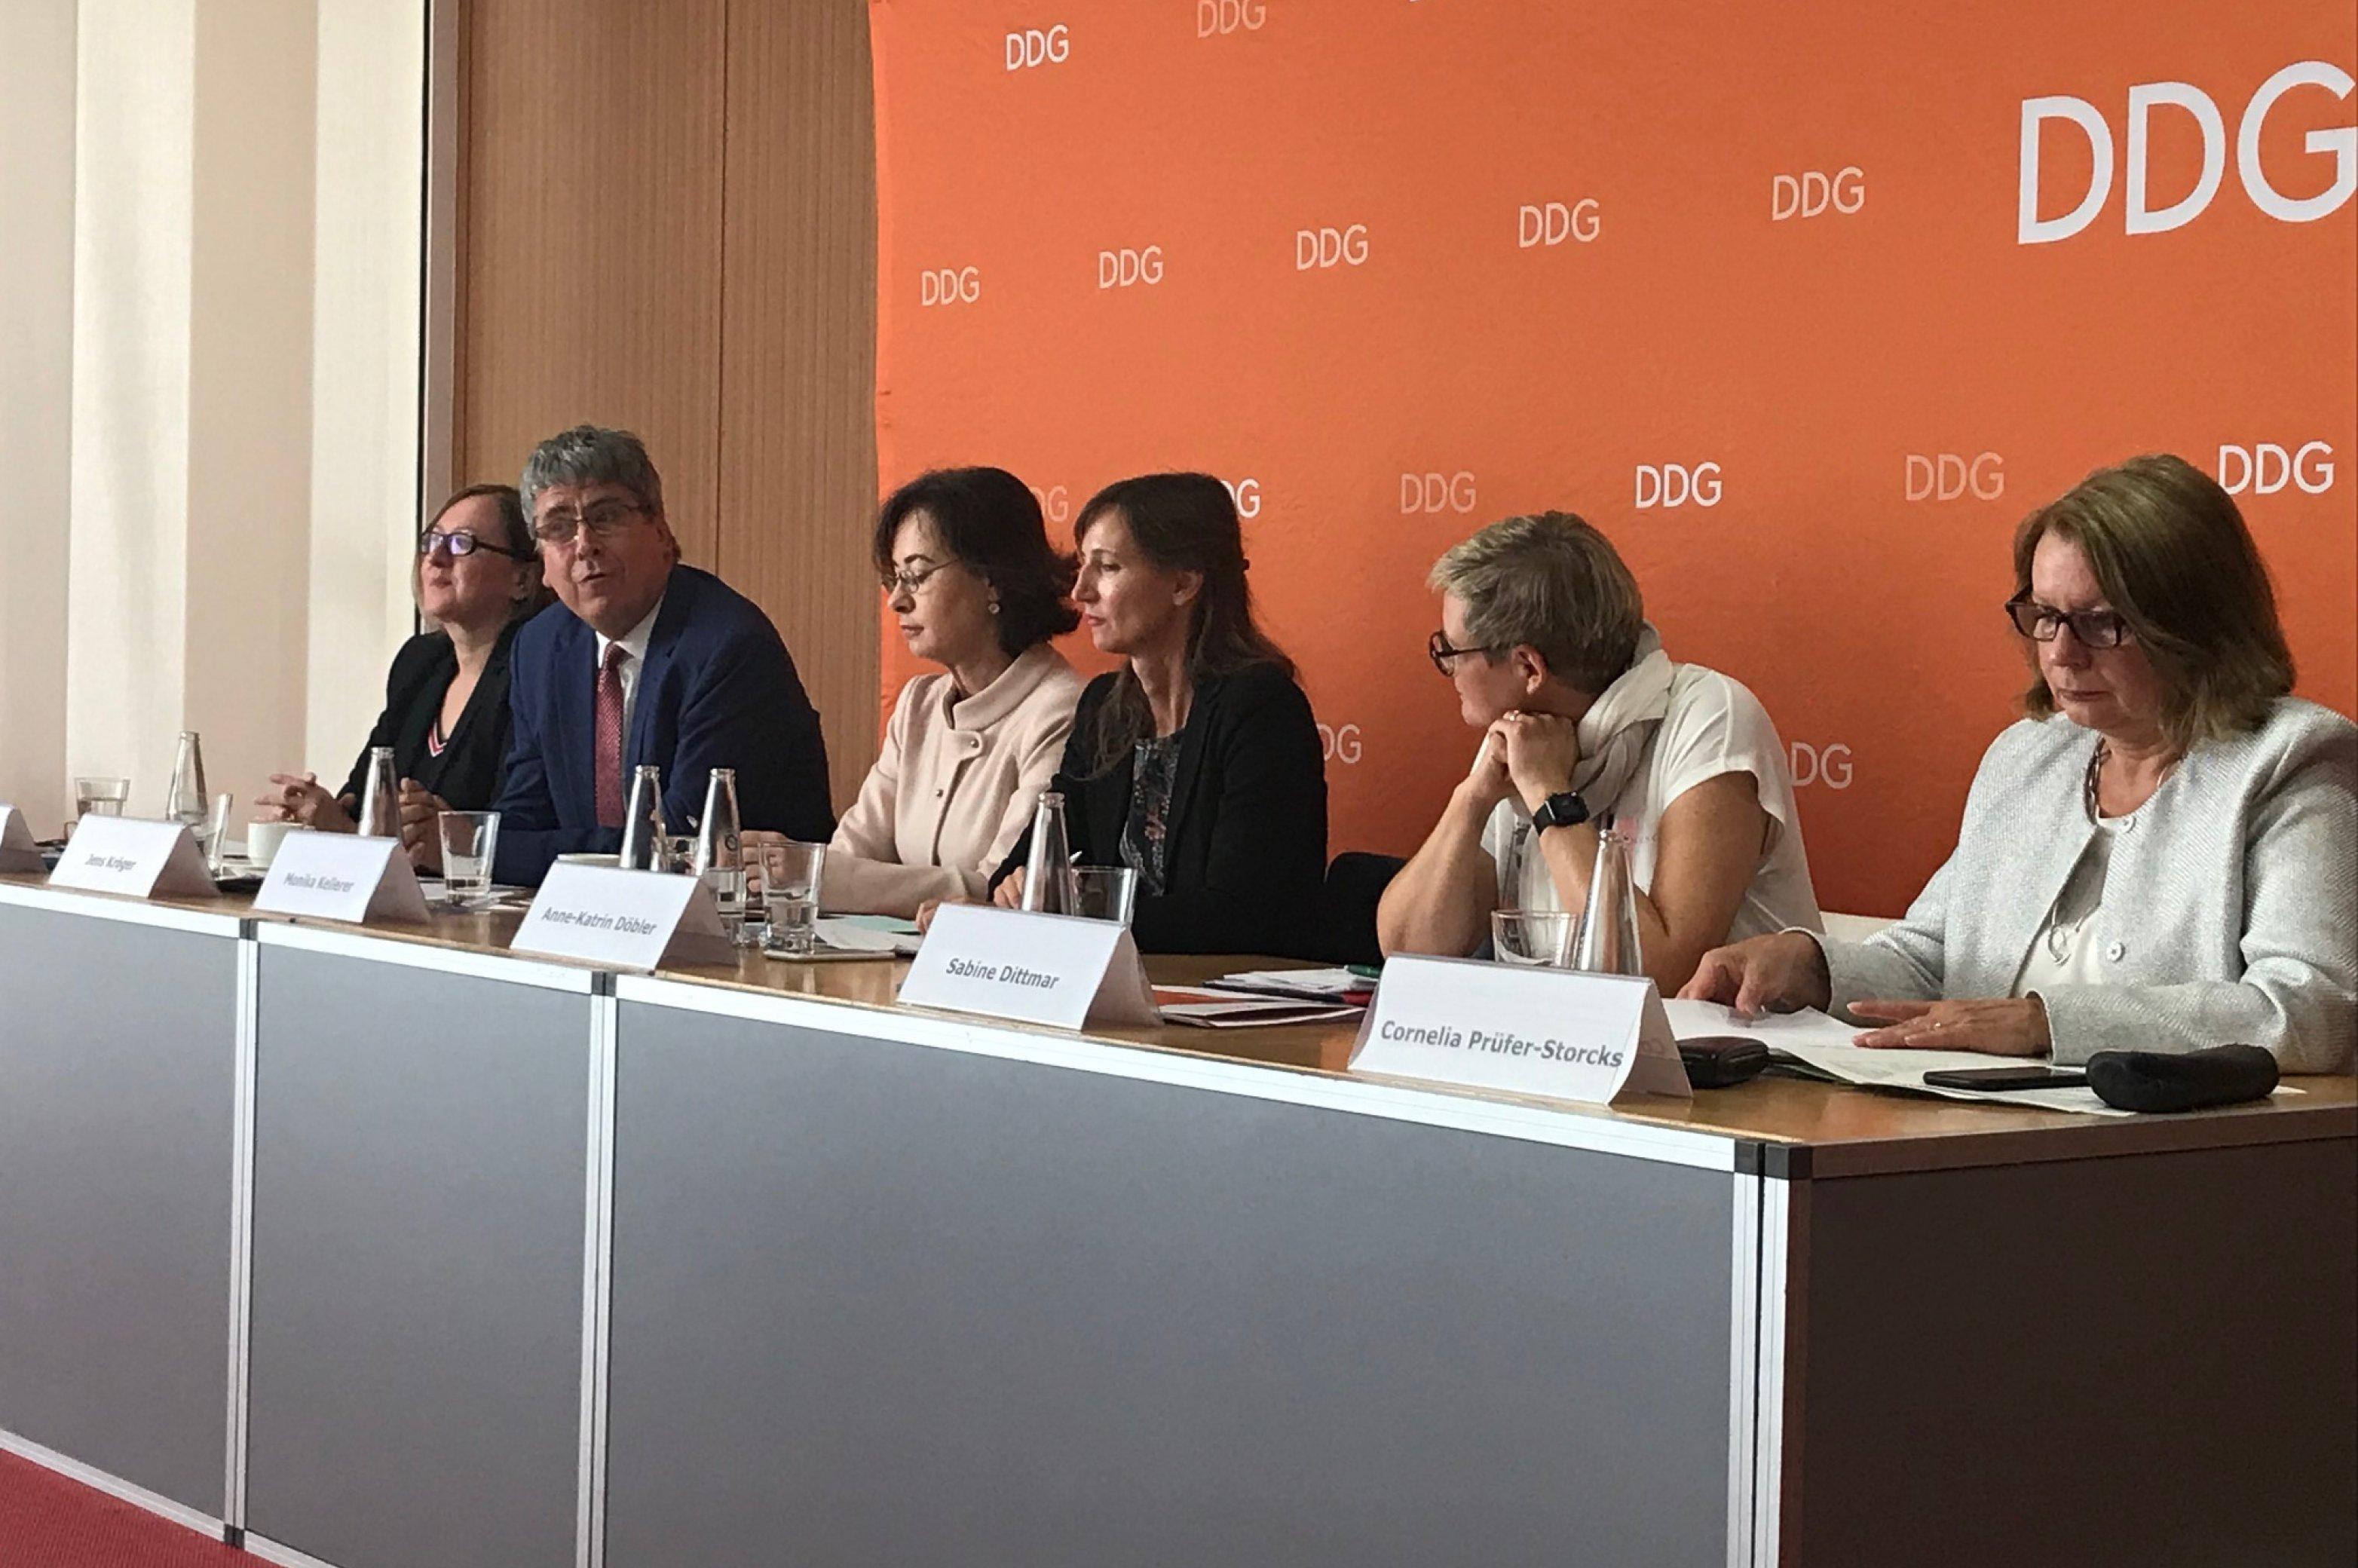 Pressekonferenz zur Nationalen Diabetesstrategie am 11.09.2019